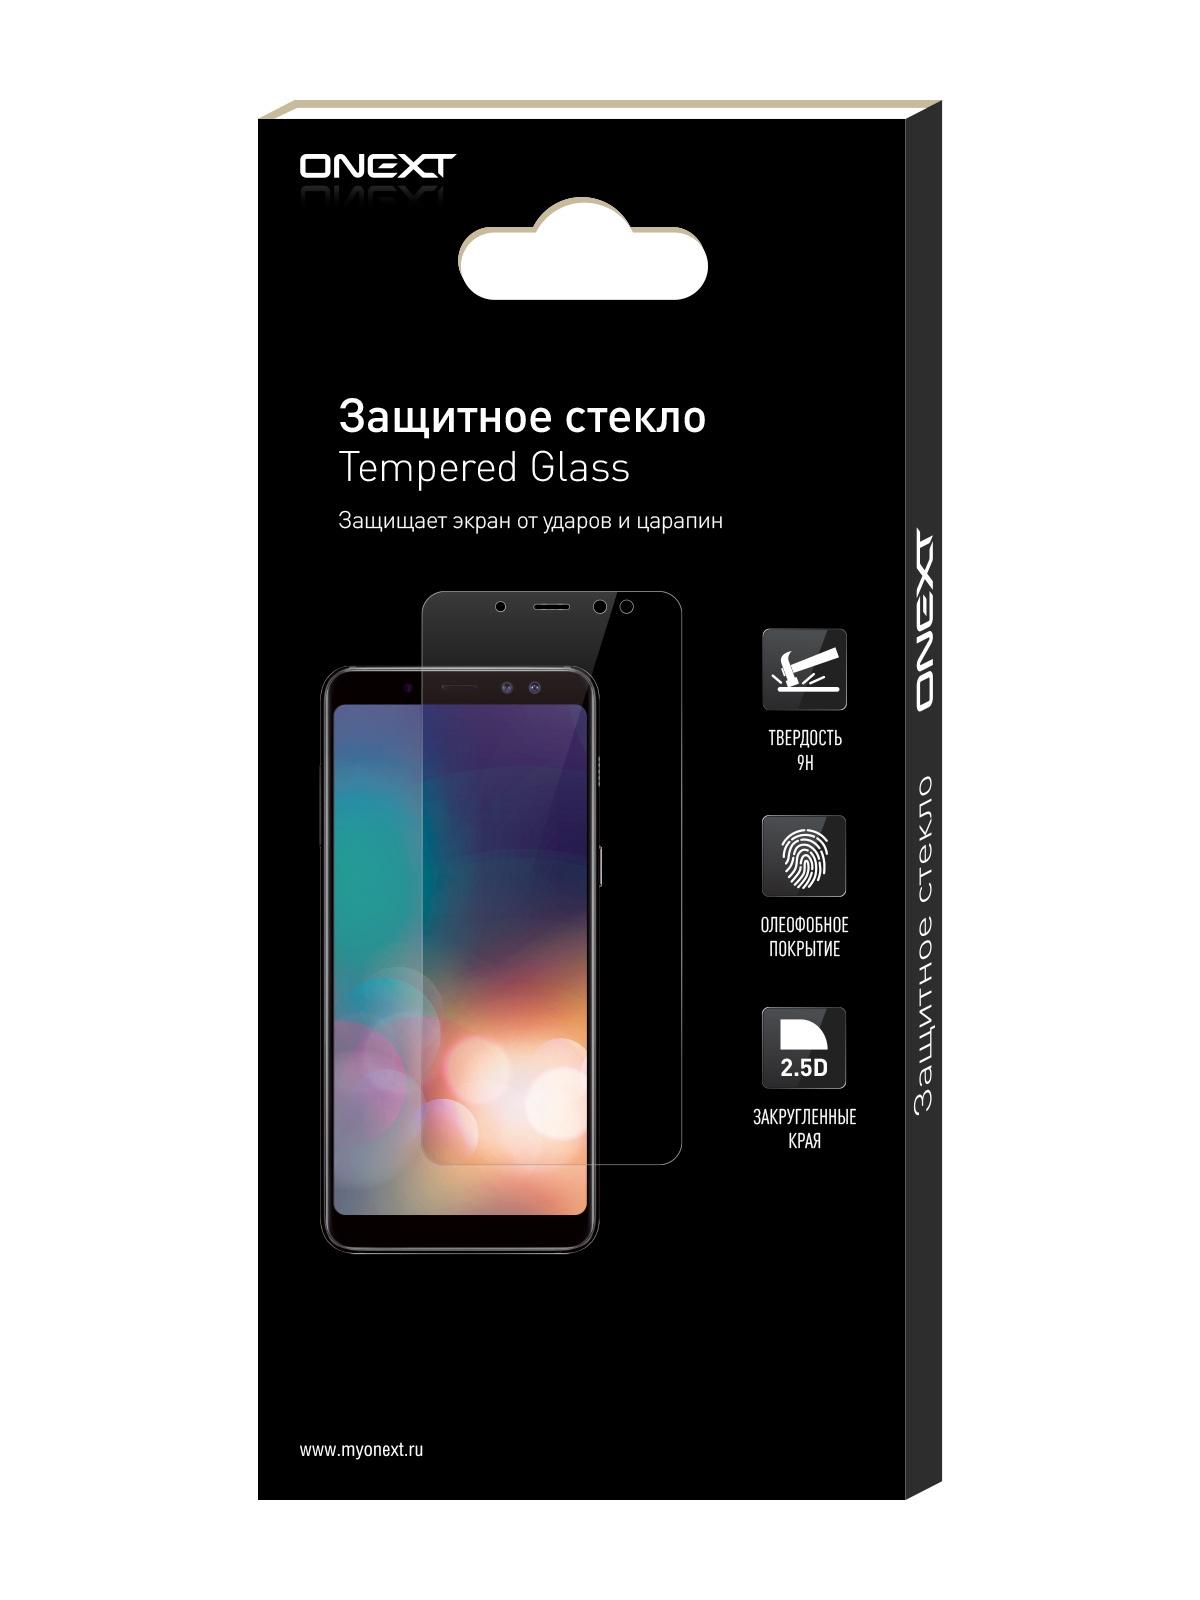 Защитное стекло ONEXT LG Stylus 3 цена и фото